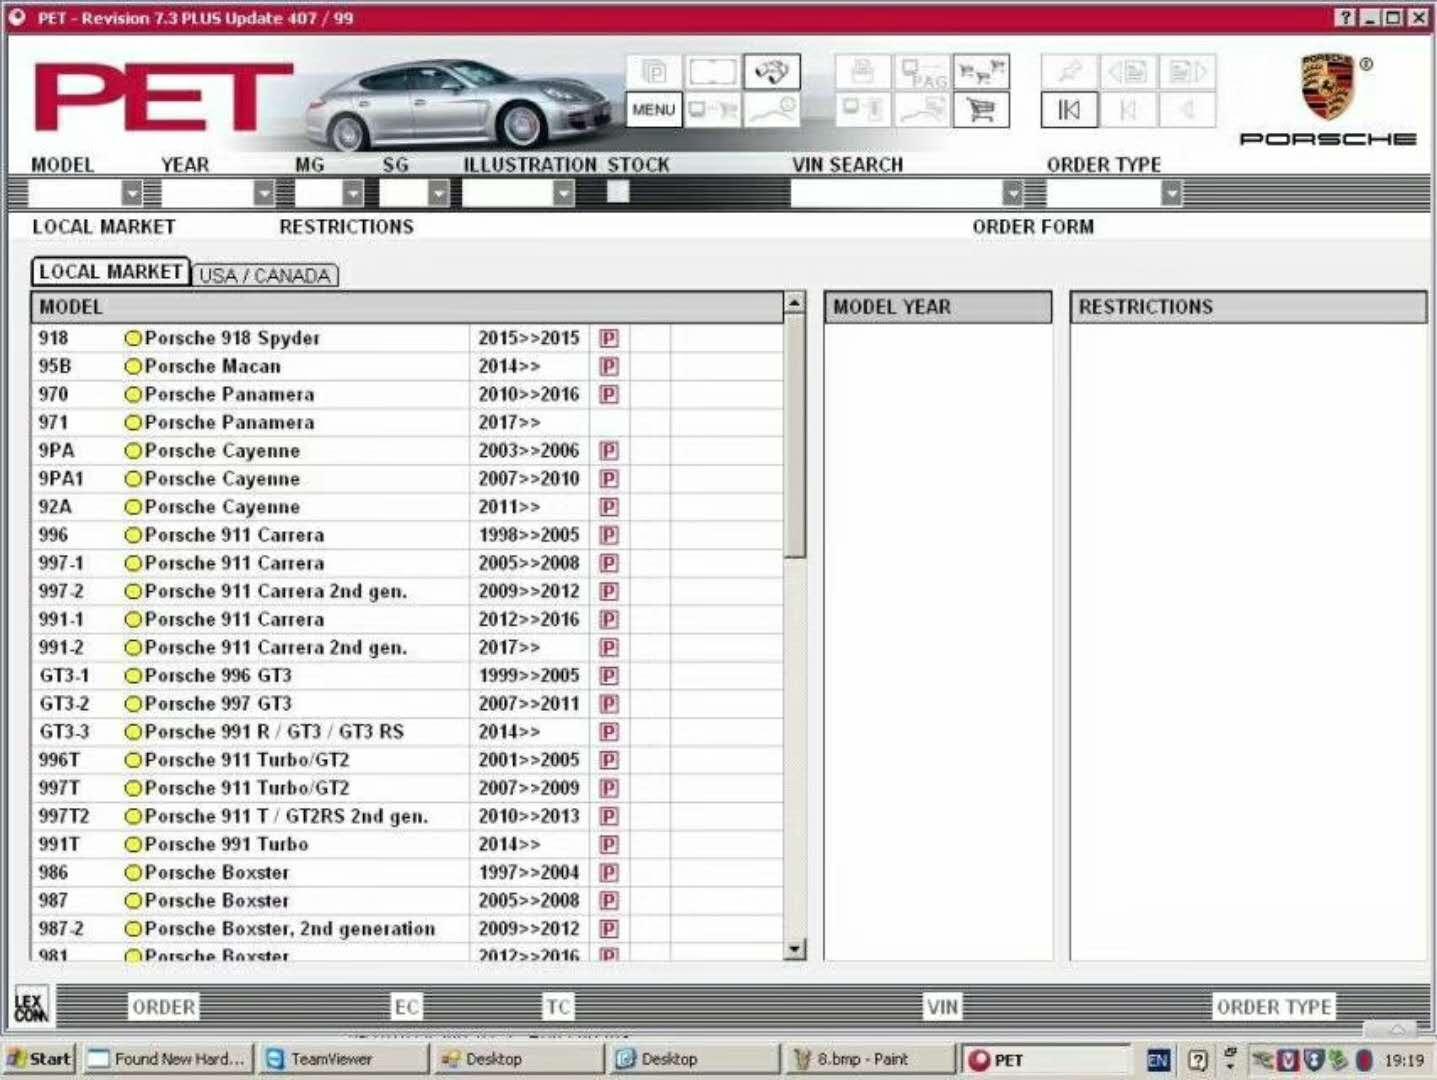 Porsche Piwis Software Download In Hard Disk Porsche Piwis Ii Tester Software V18 150 500 With